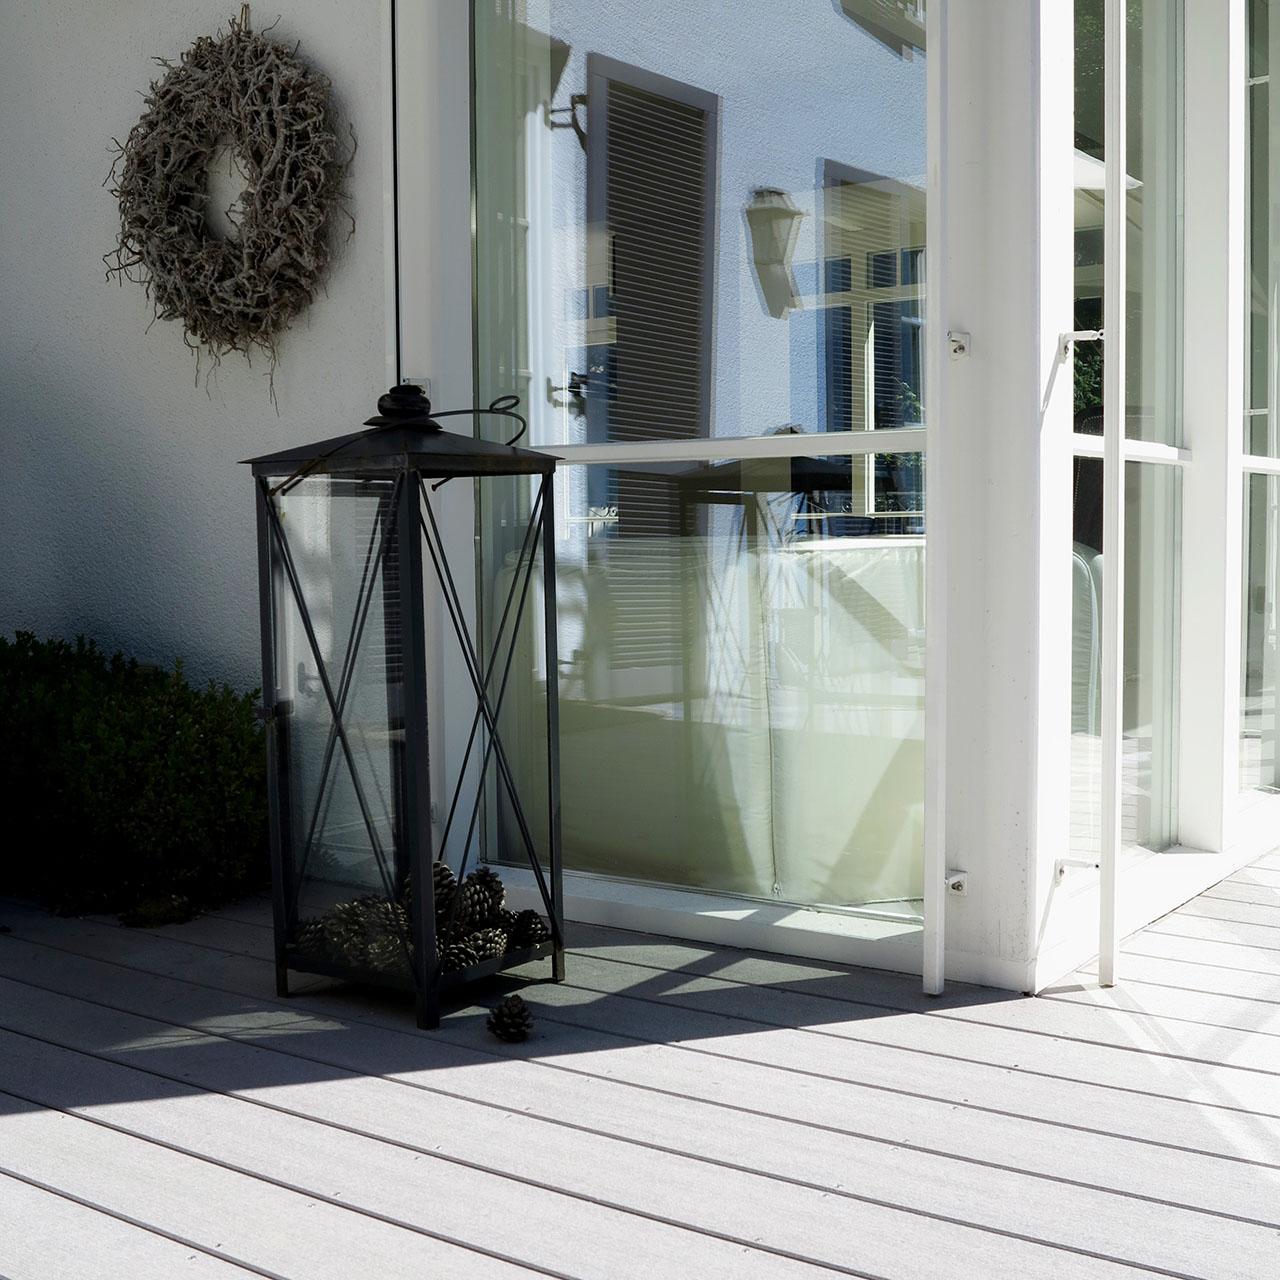 WPC Premiumholz der modernem Art auf Terrasse (Ausschnitt) mit Terrassengestaltung im Landhausstil